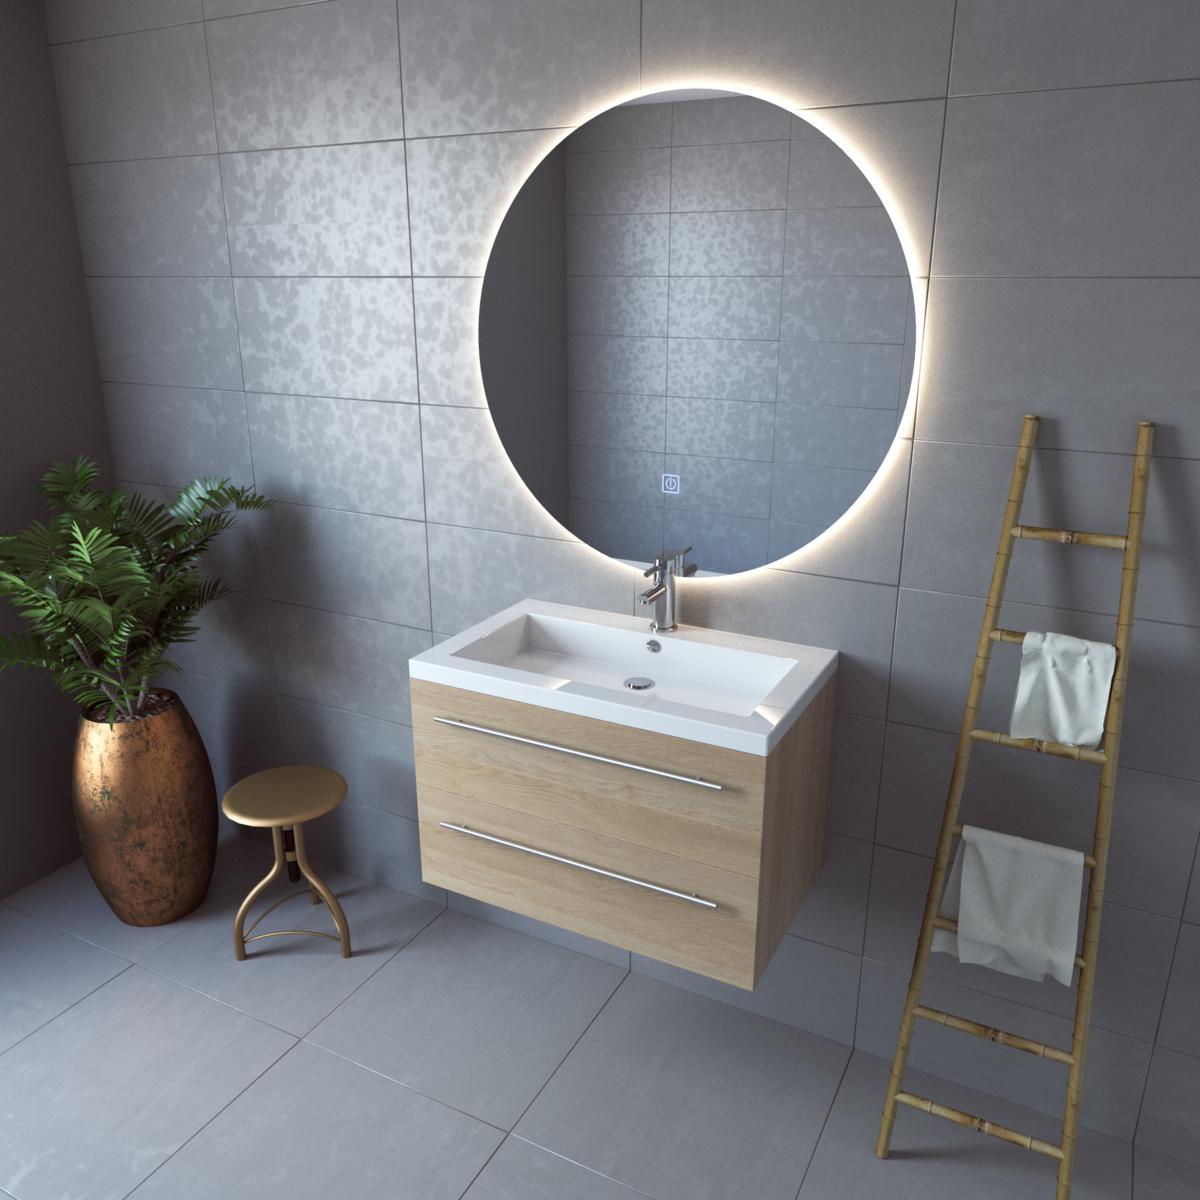 ronde spiegel, trend, 2018, badkamerspiegel,Adema Circle, badkamerspiegel rond,metLED,verlichting, met licht,spiegelverwarming, touch schakelaar